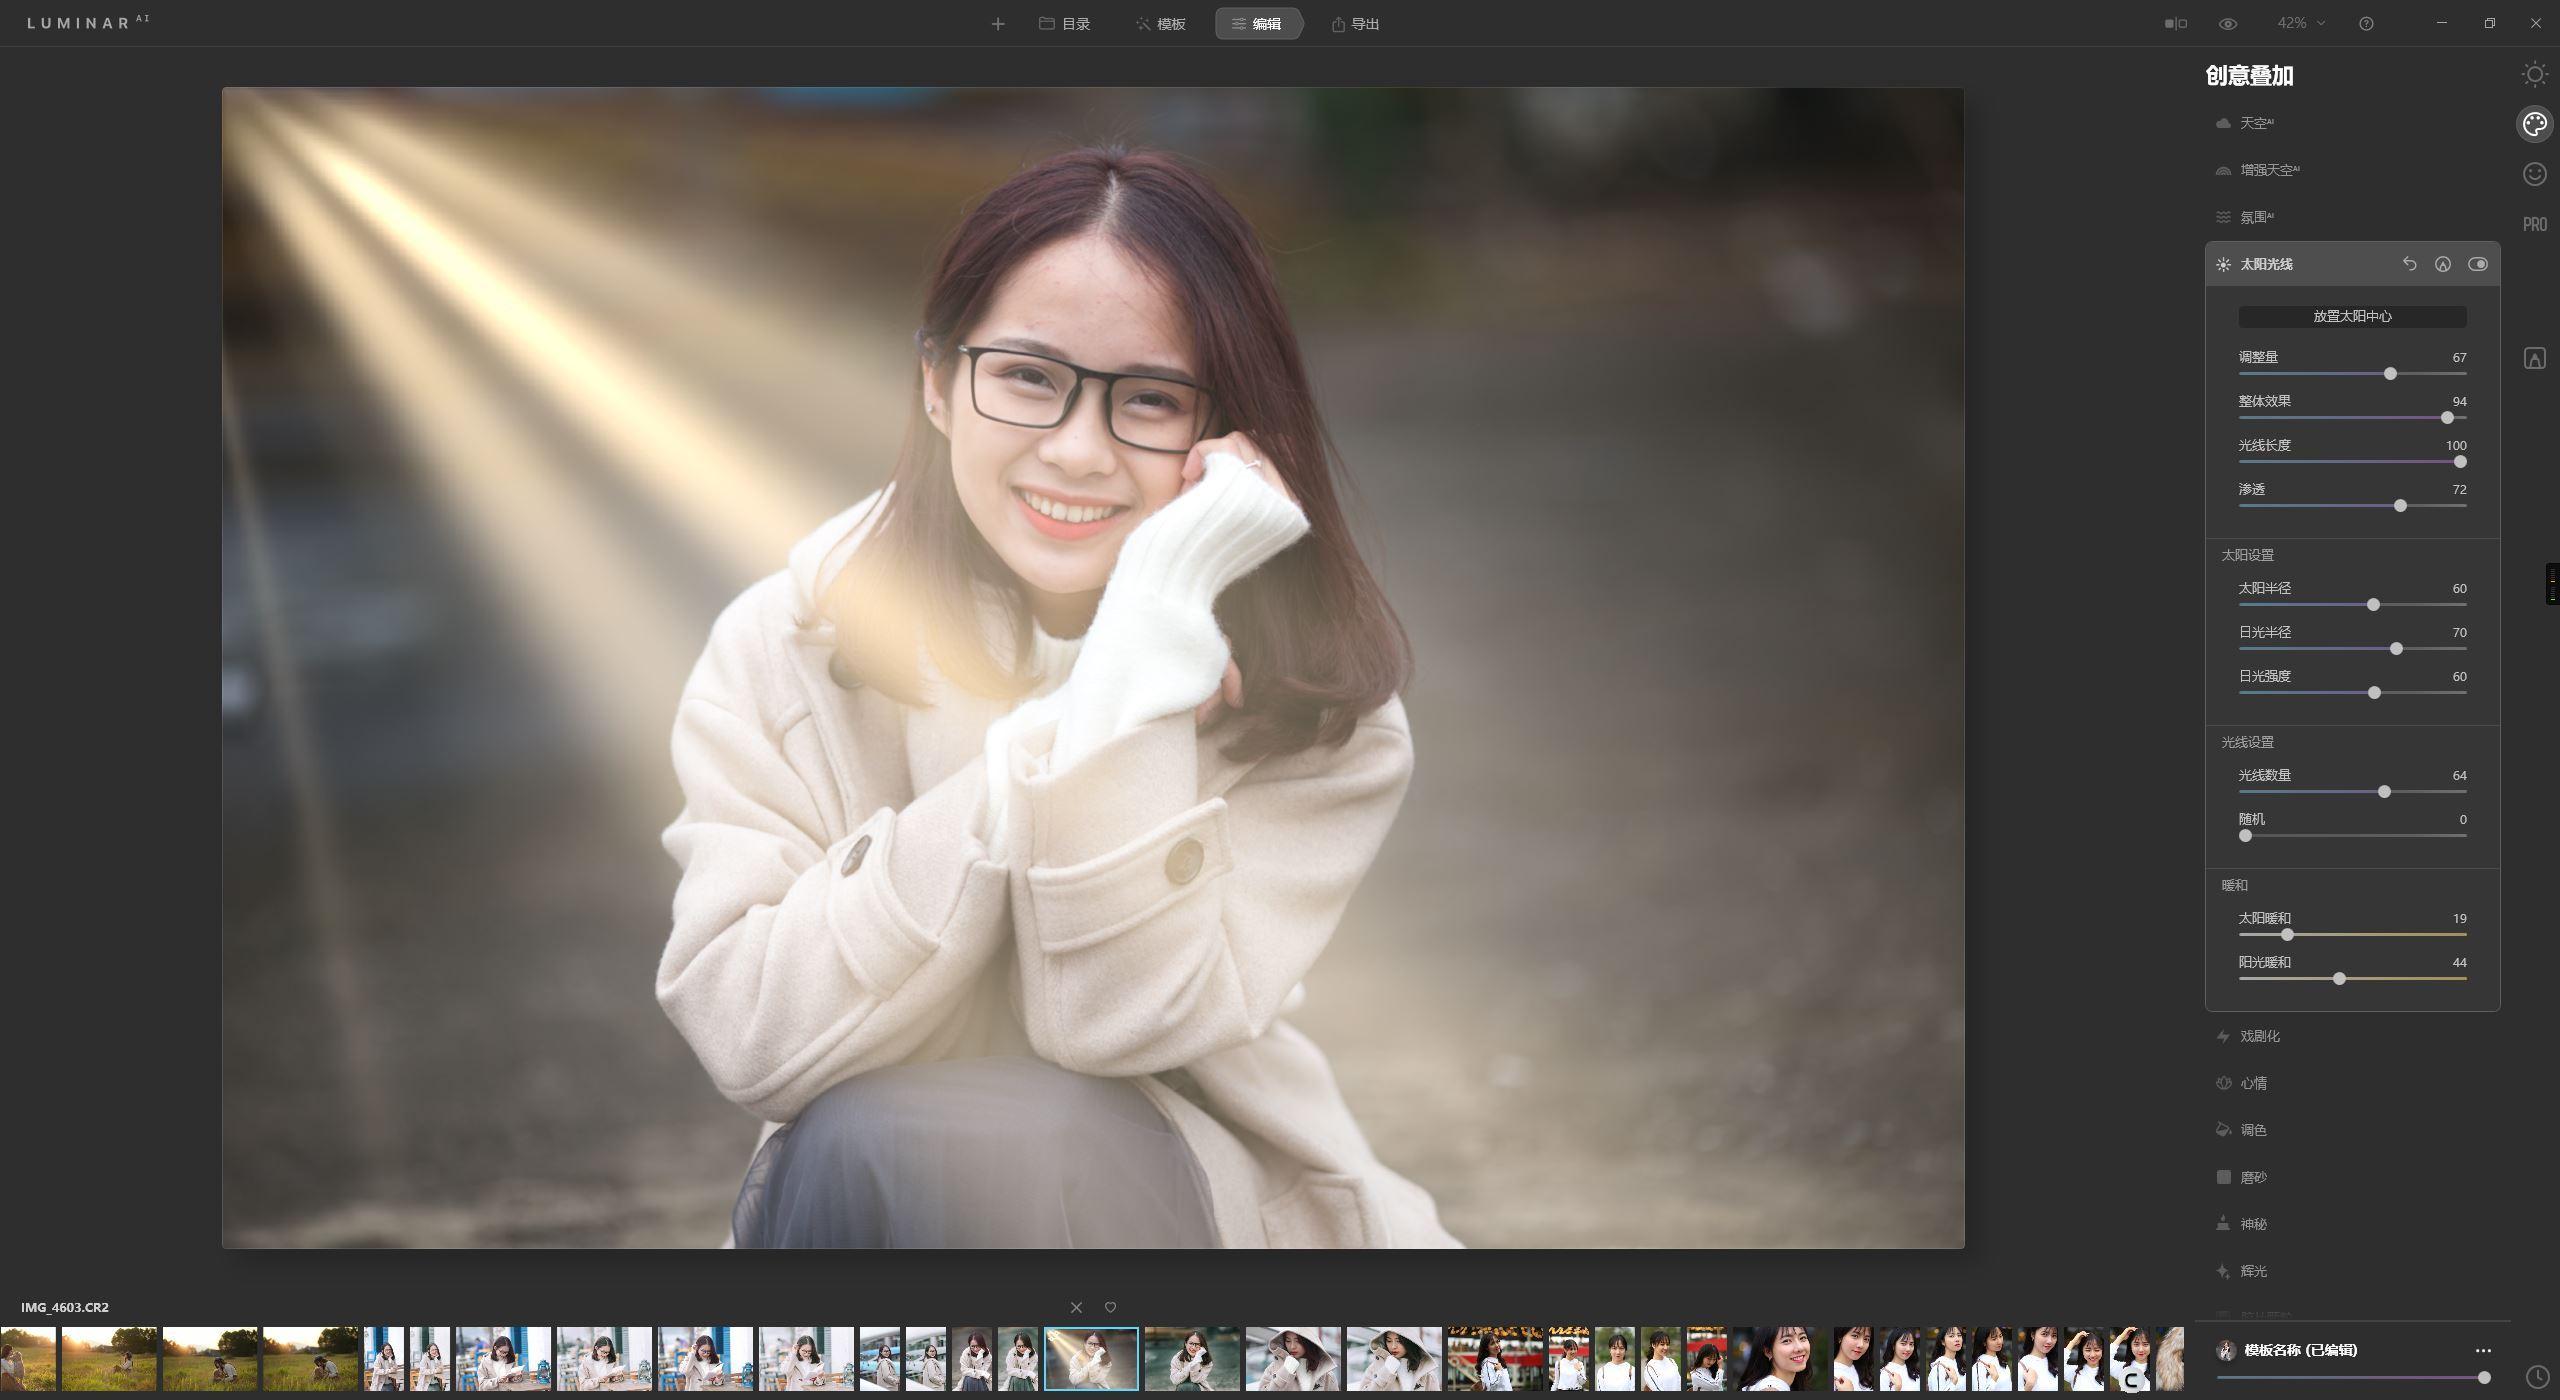 软件下载-智能图像后期处理软件Luminar AI 1.2.0 (7787) 中文修正版(8)